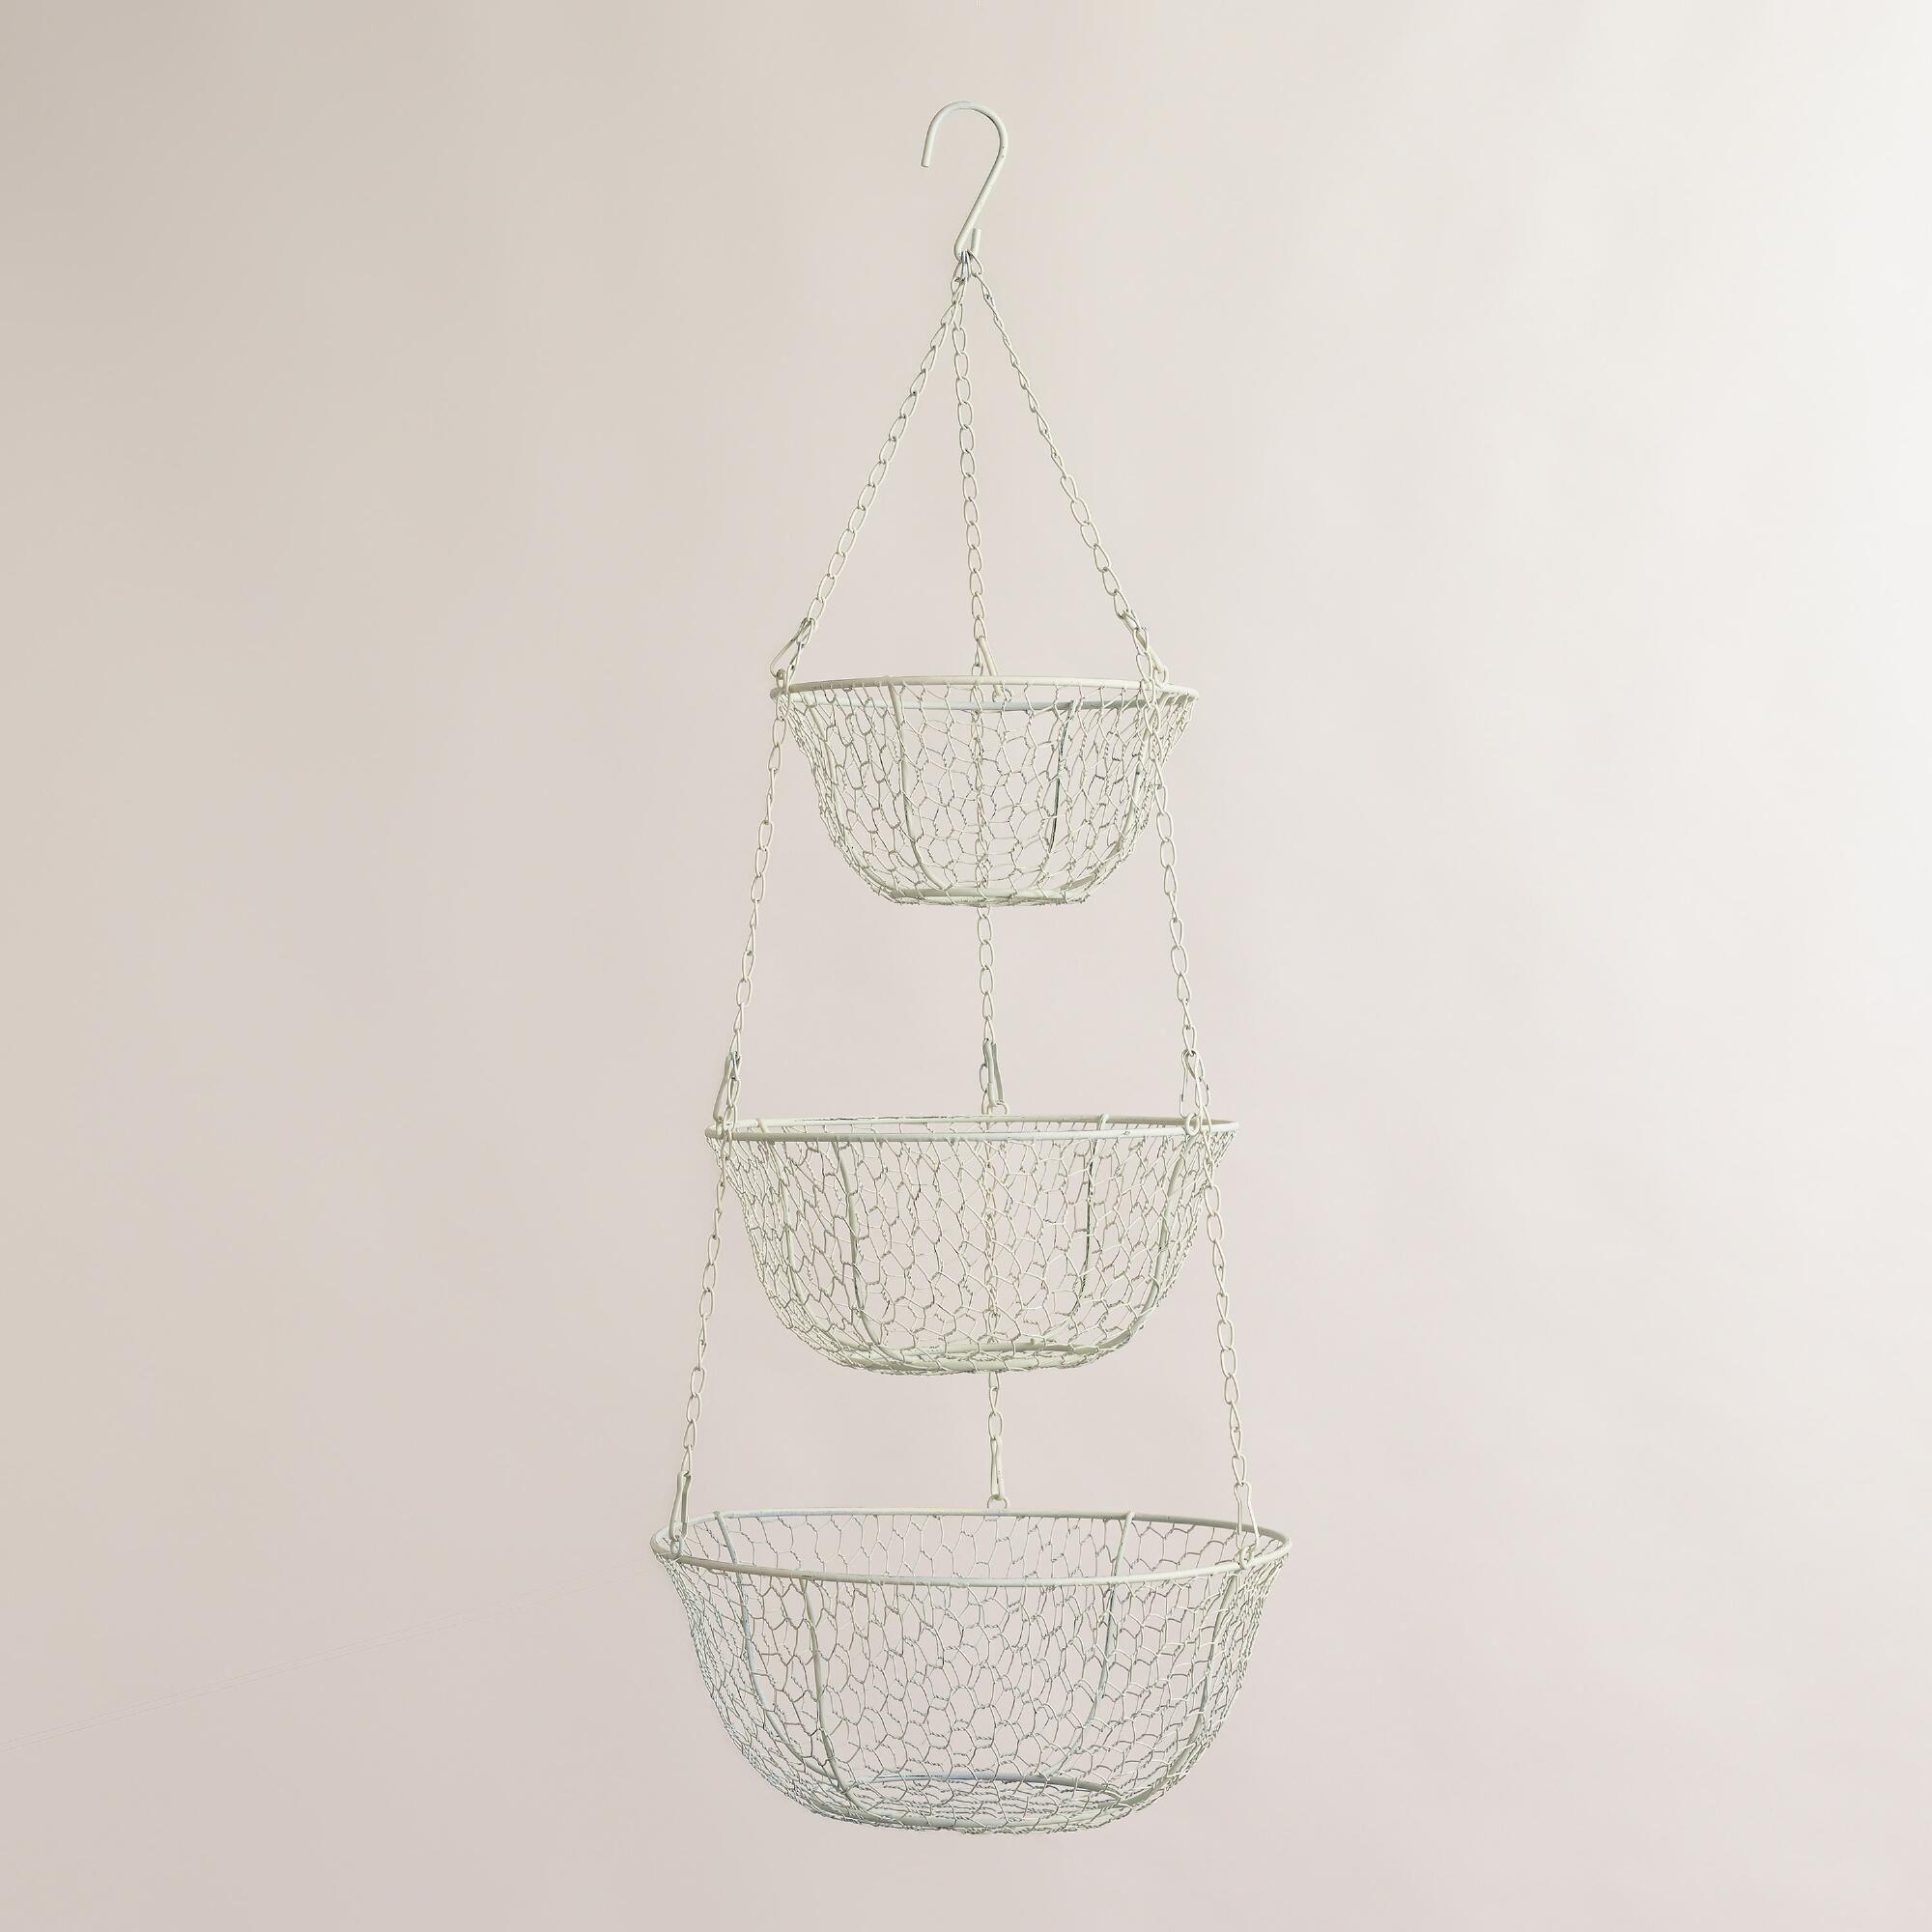 World Market - Antique White Wire Three-Tier Hanging Basket $14.99 ...